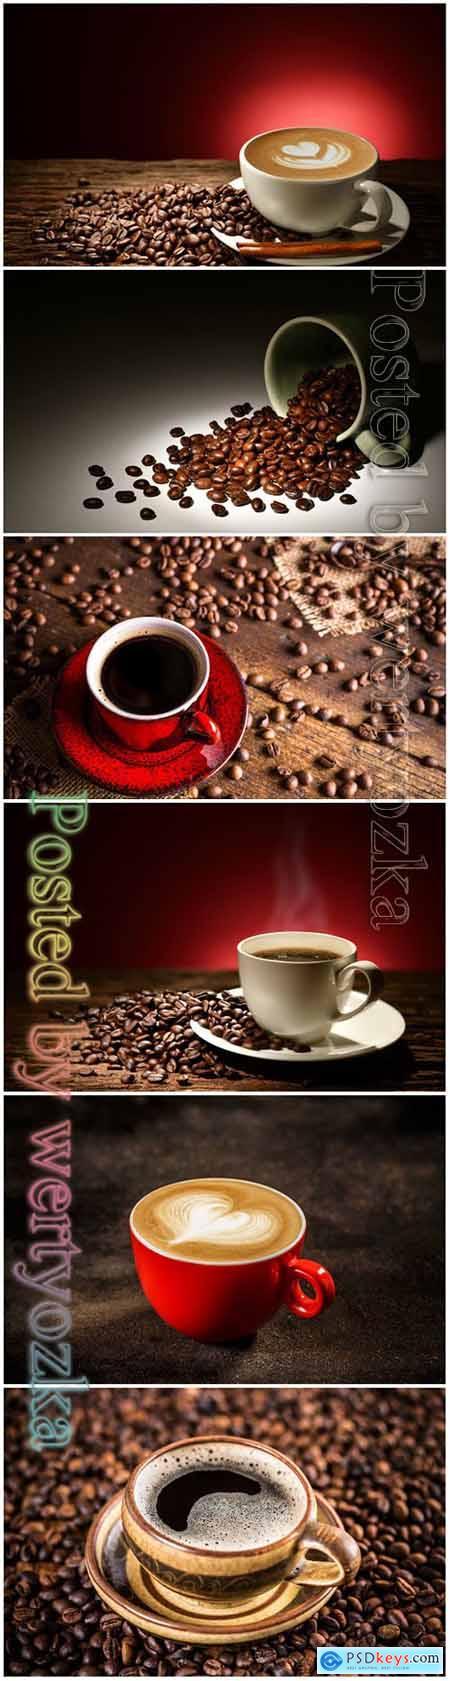 Coffee beautiful stock photo